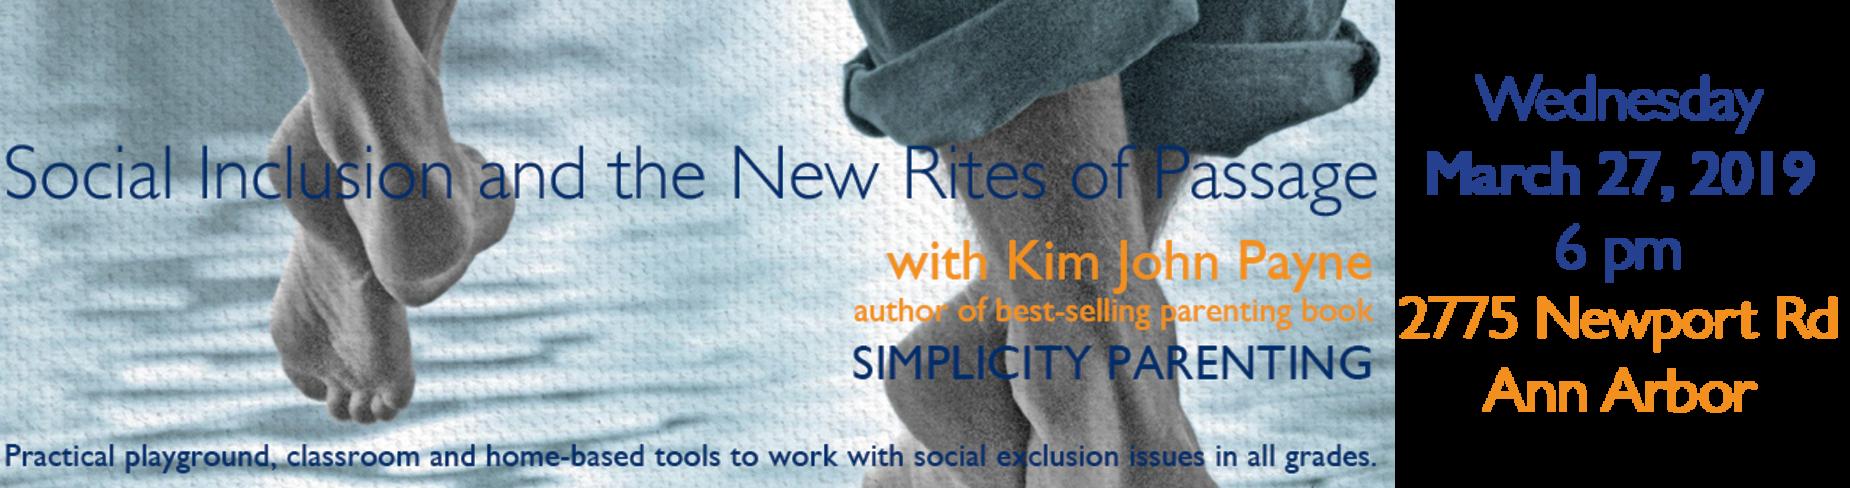 Kim John Payne Lecture March 27, 6 pm